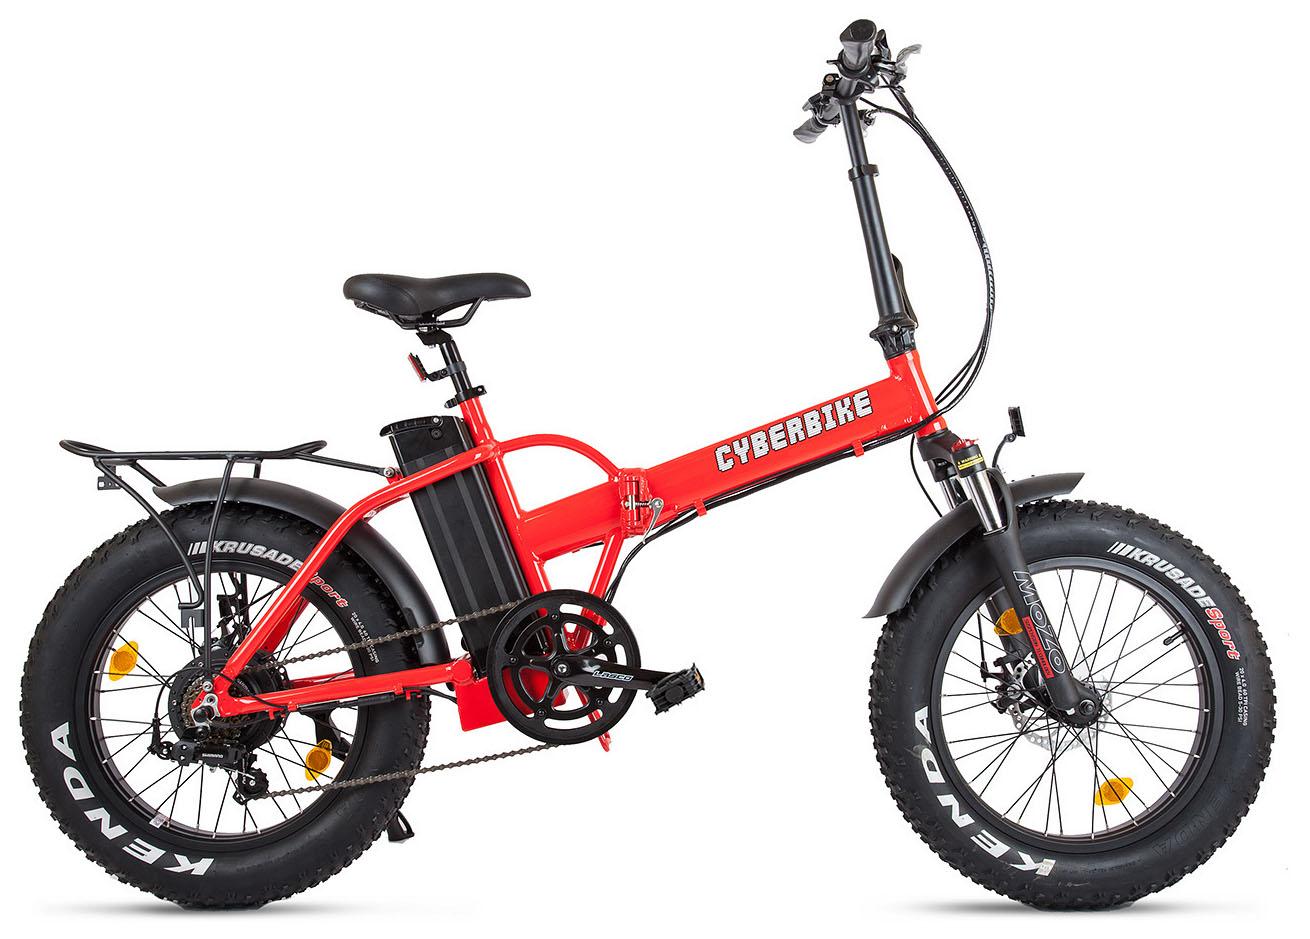 цена на Велосипед Eltreco Cyberbike Fat 500W 2018